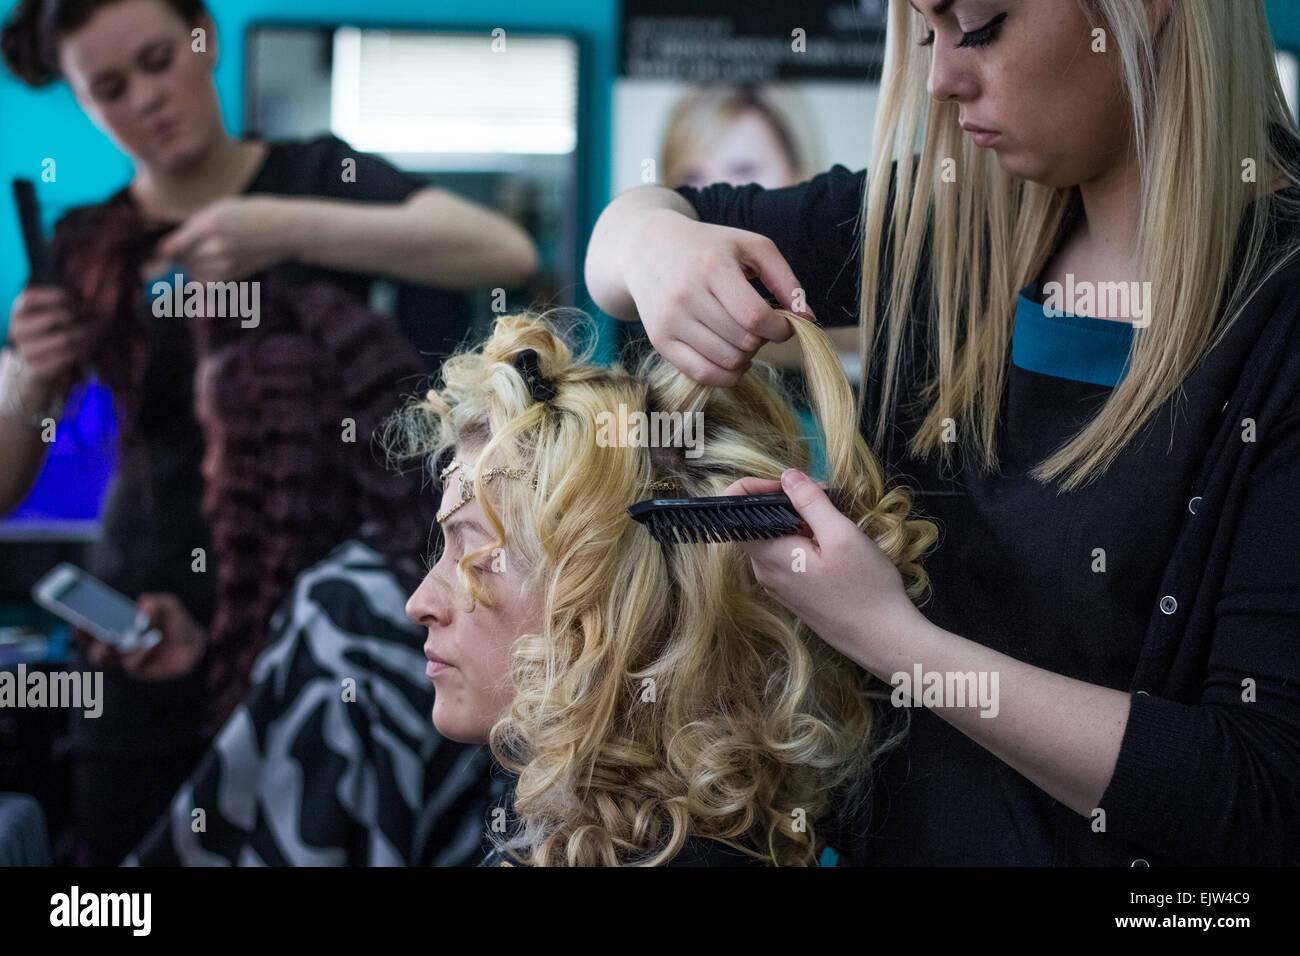 Coiffeurs travaillant dans un salon en uniforme sur les modèles avec des cheveux bouclés, une blonde, Photo Stock